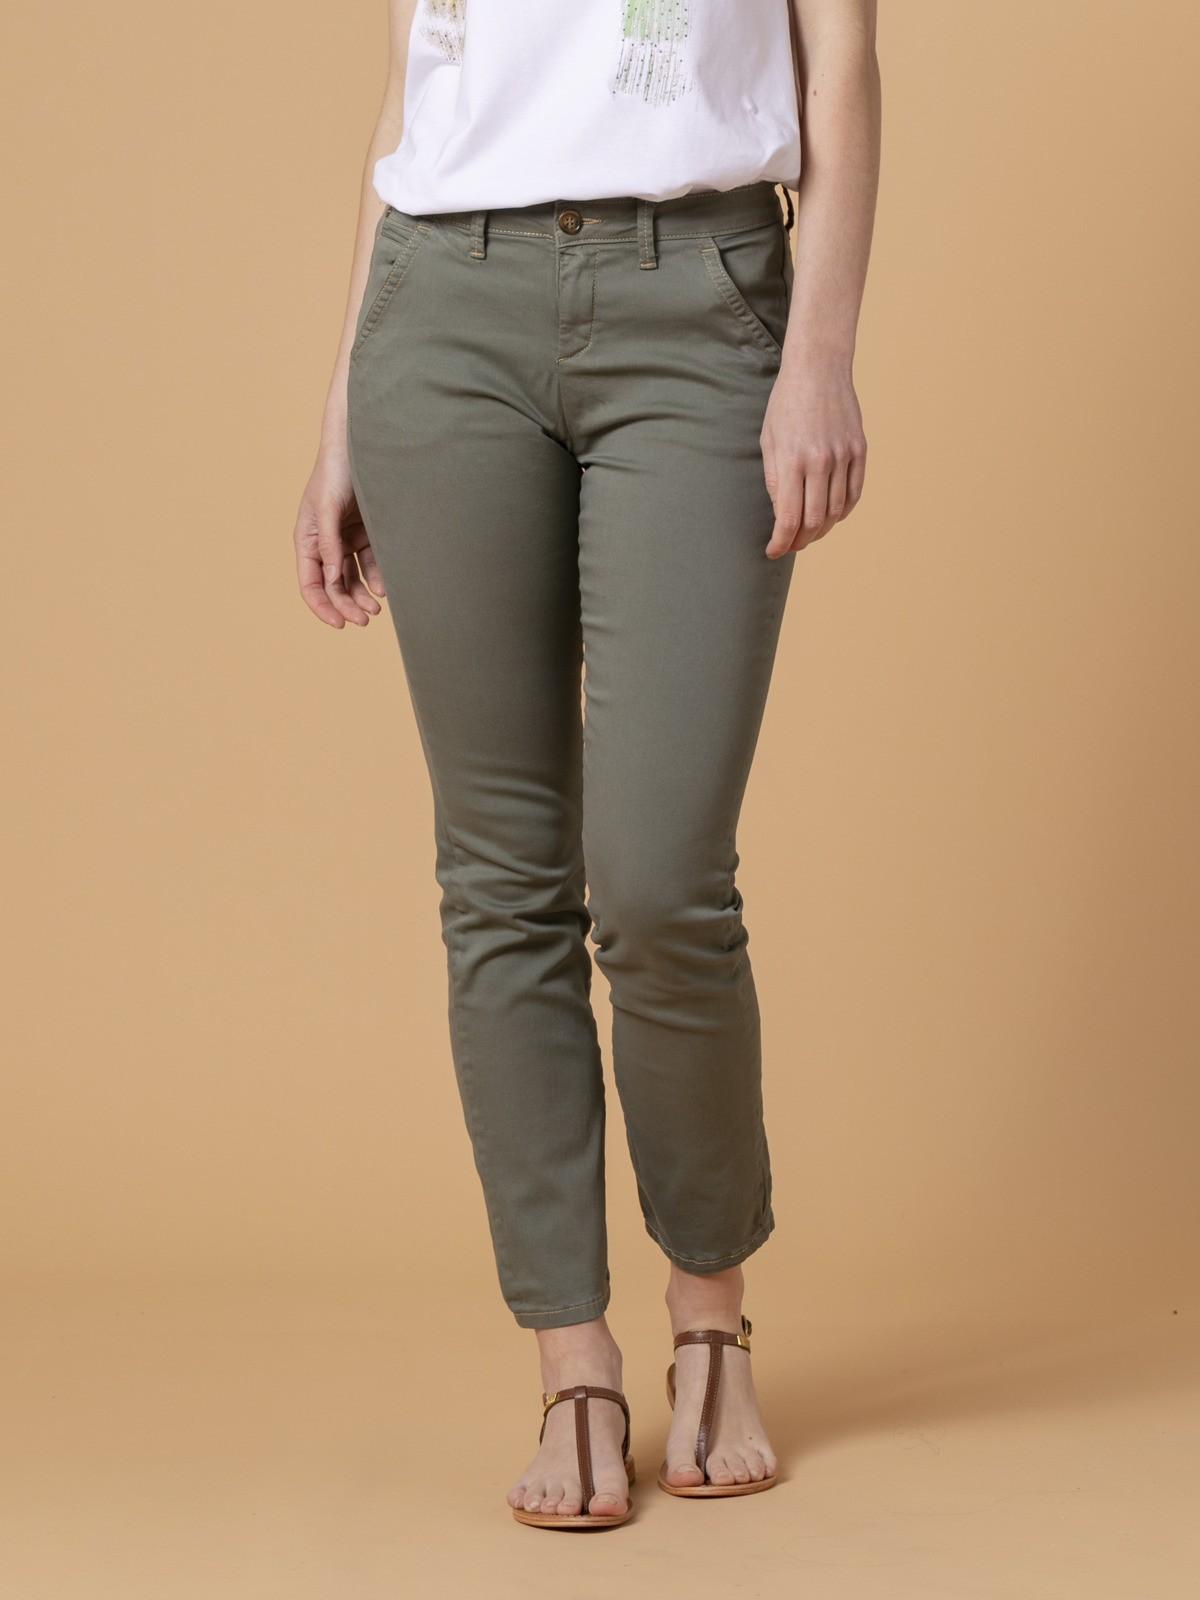 Pantalón chino mujer algodón elastico Caqui